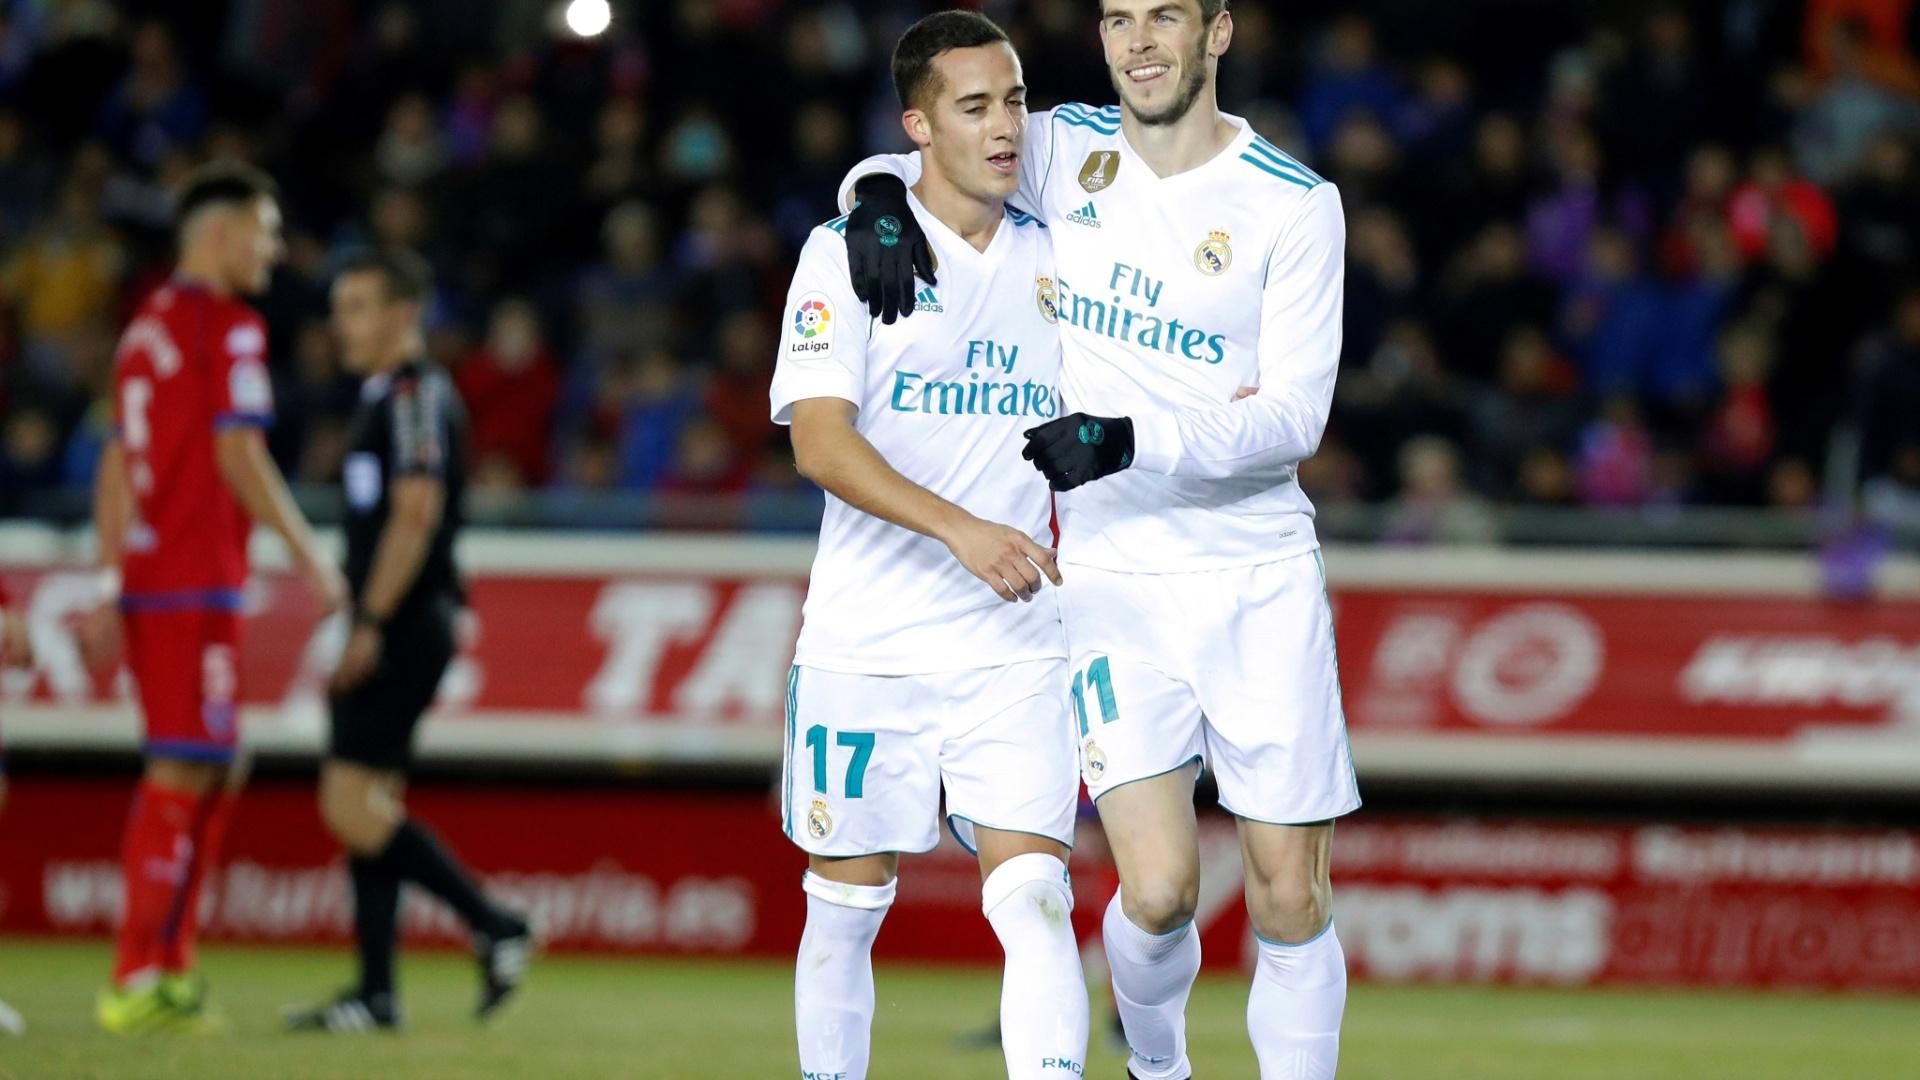 Lucas Vázquez e Gareth Bale comemoram gol do Real Madrid contra o Numancia